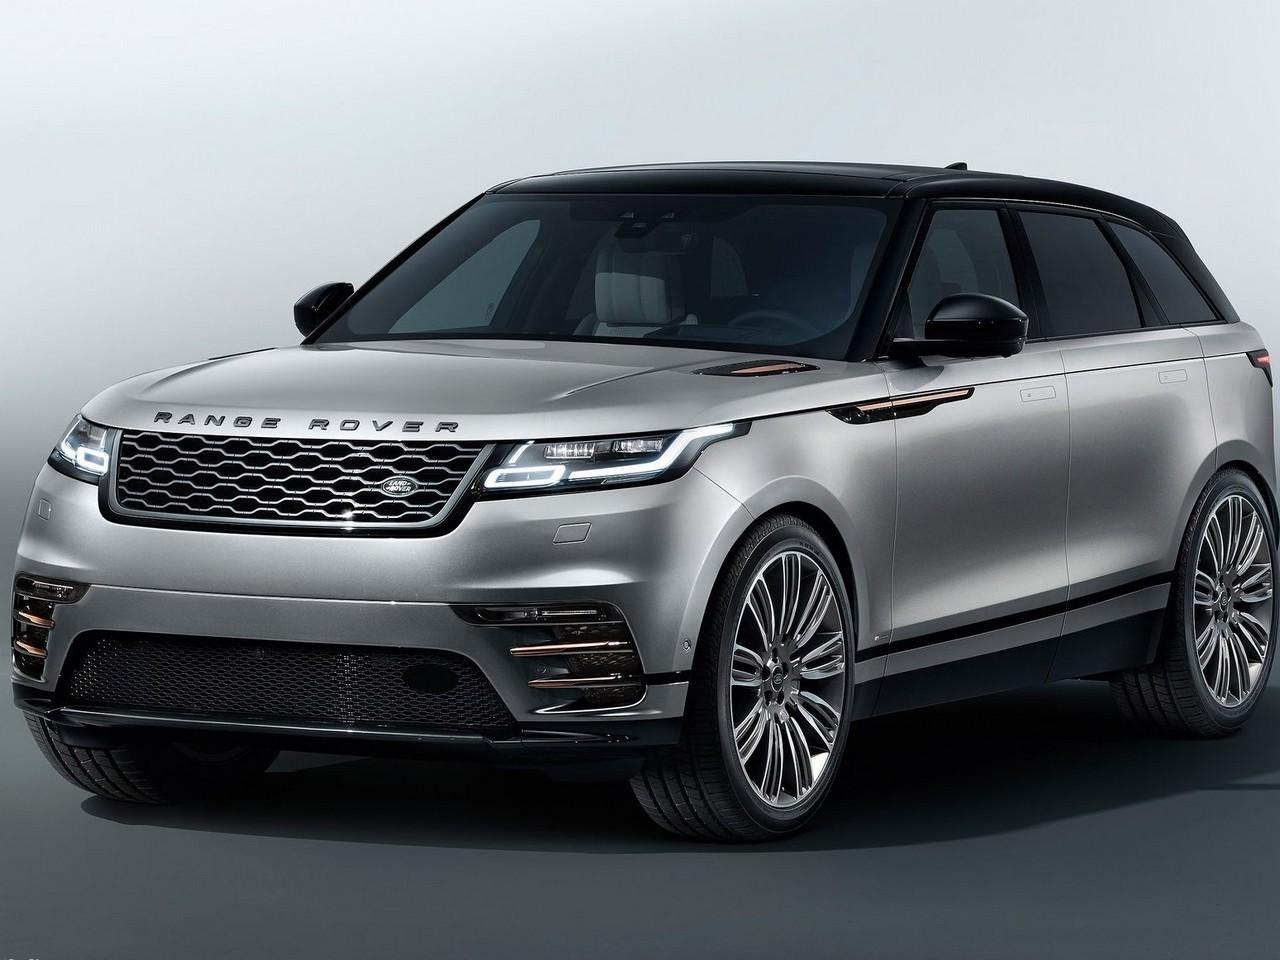 Land rover range rover velar 2018 une qualit de for Interieur range rover velar